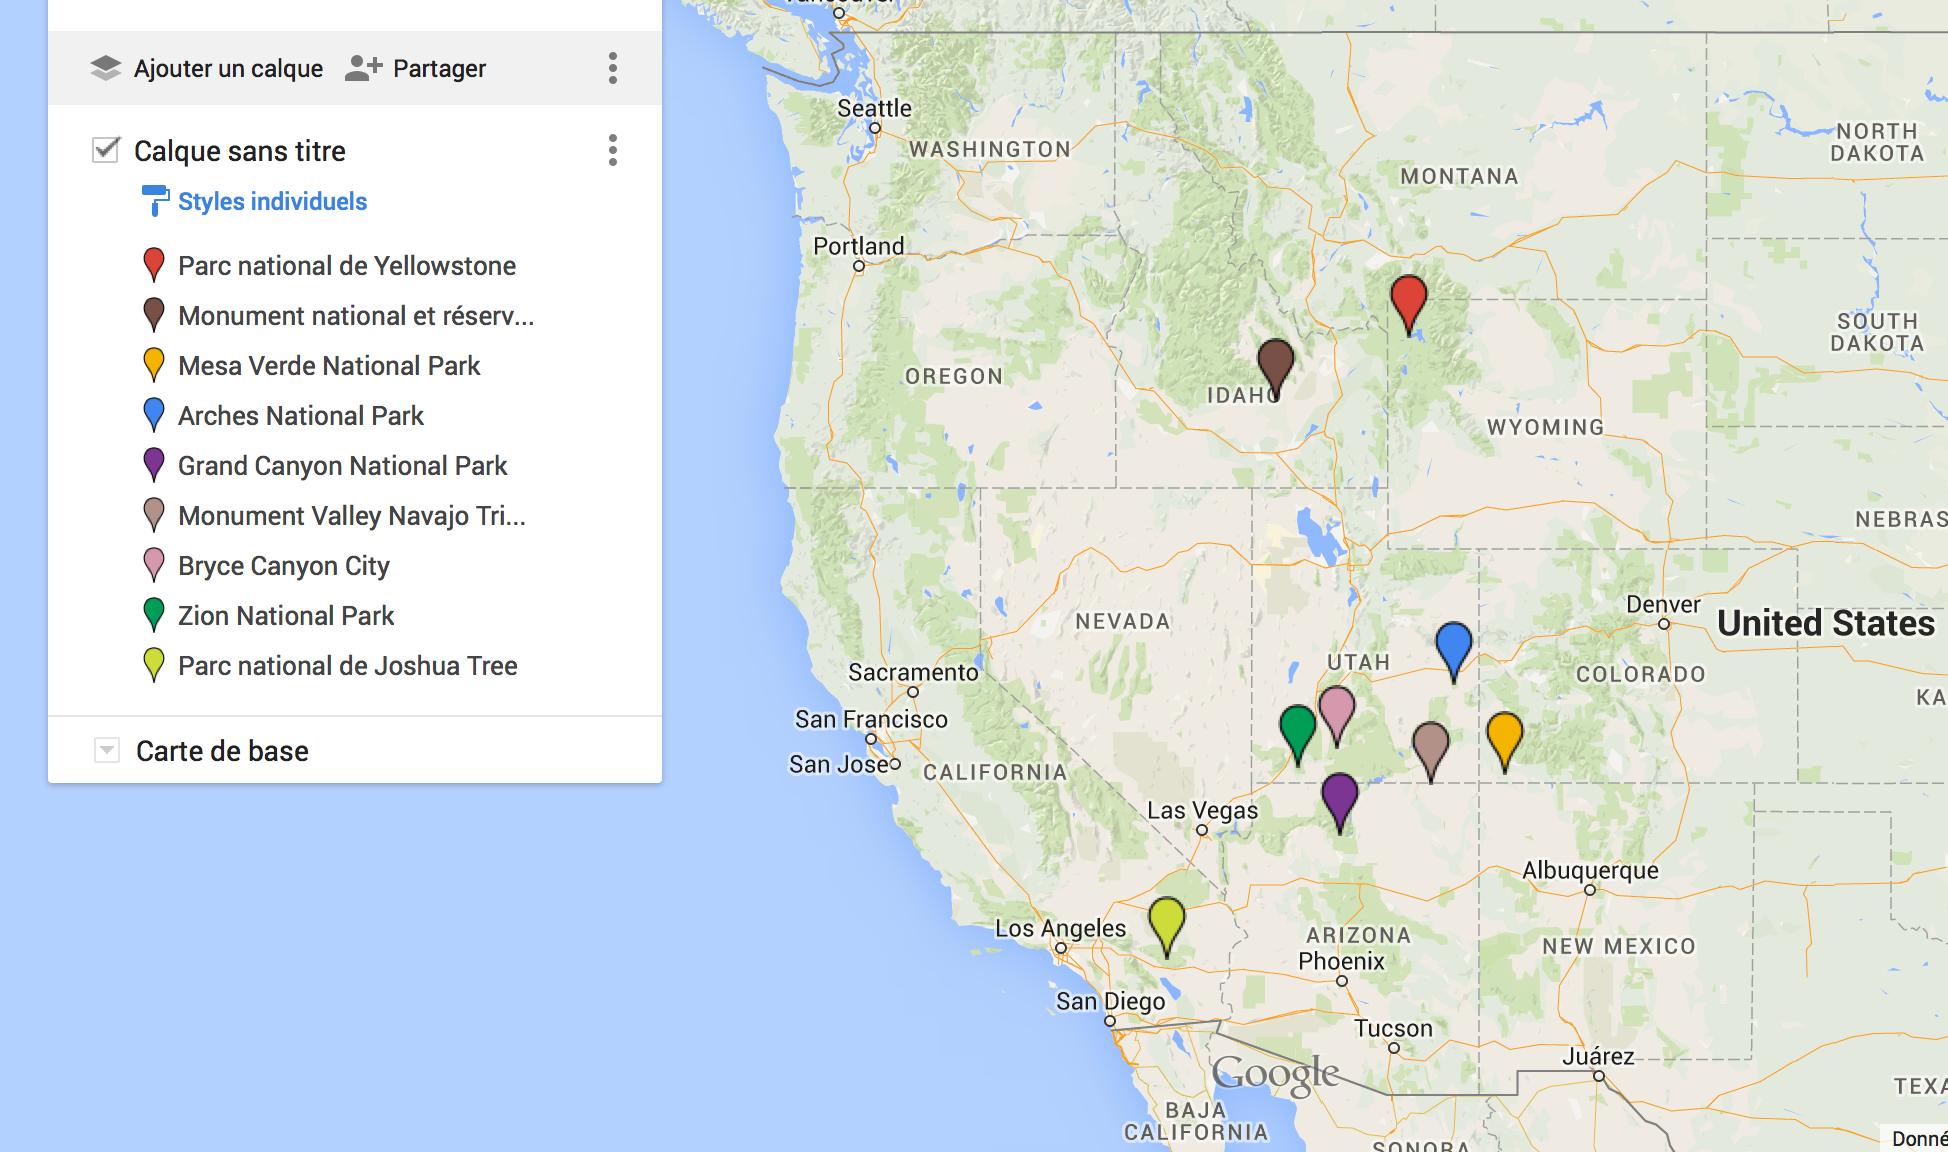 Favori 8 parcs nationaux de l'ouest des USA à visiter| Blog voyage UB28